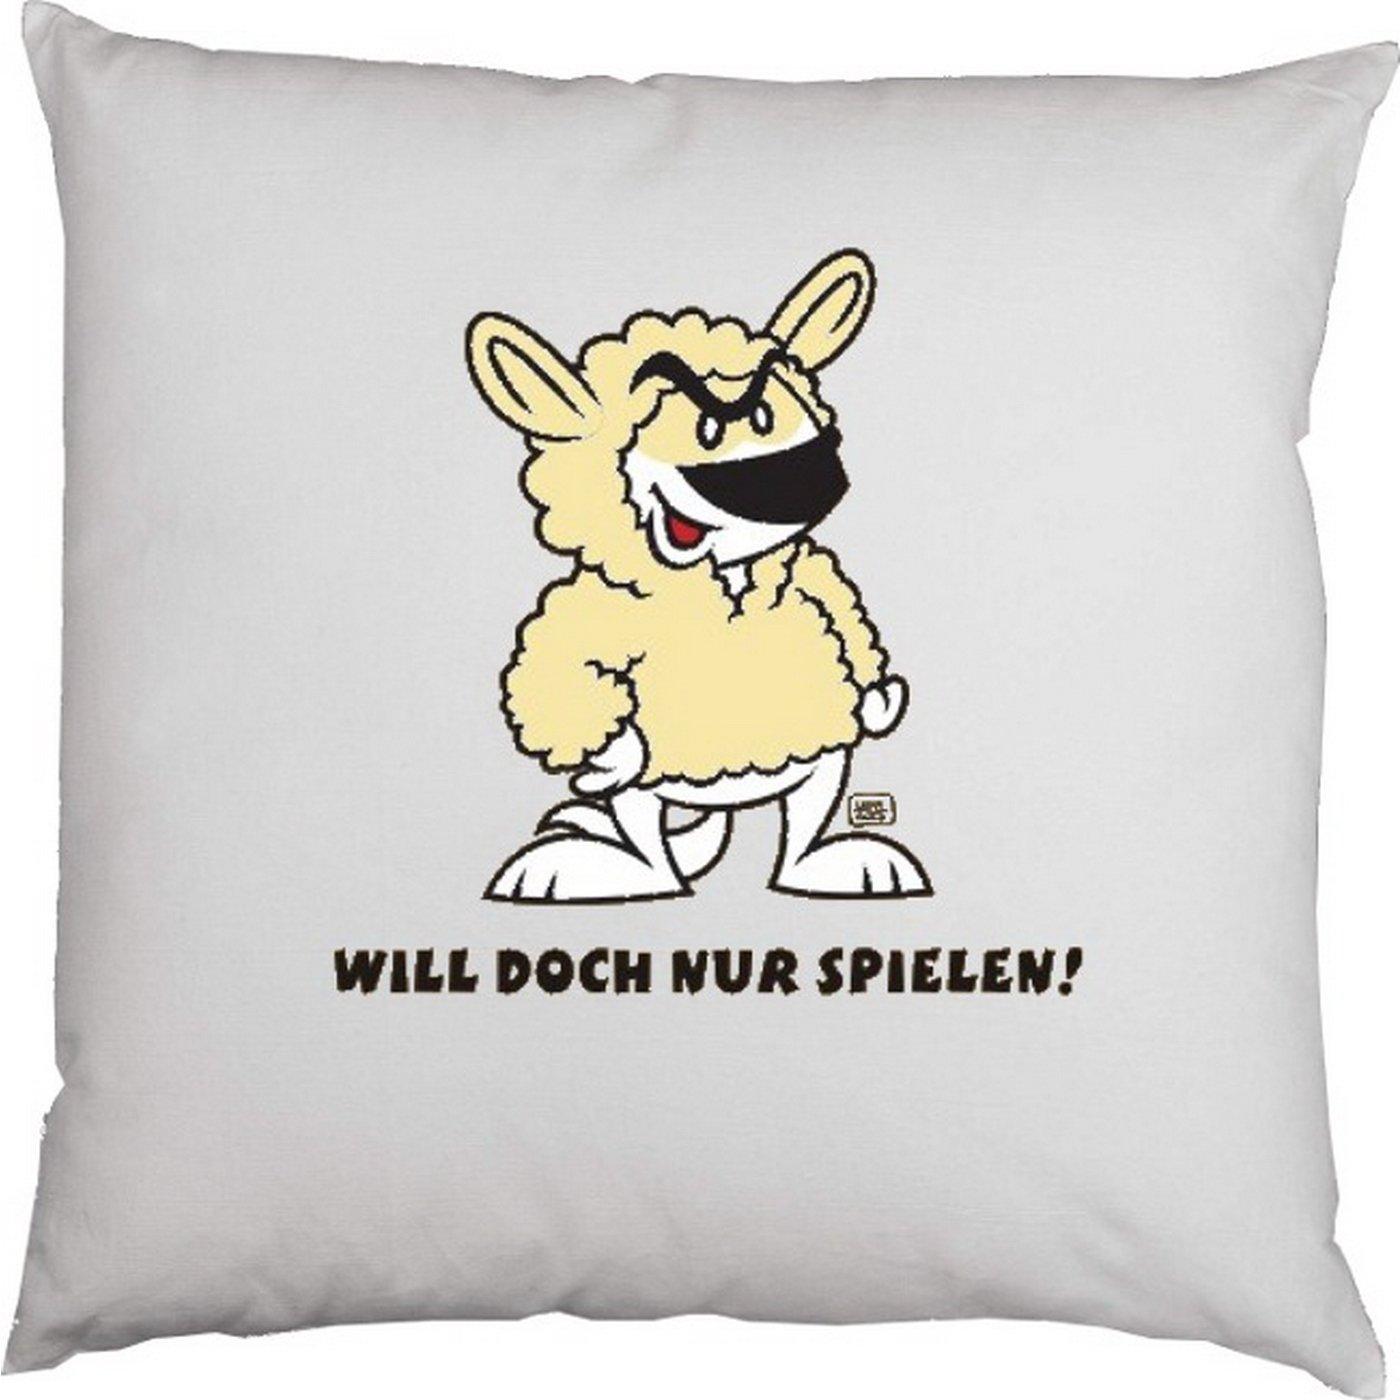 Kissen mit Innenkissen – Hundefreunde – Will doch nur spielen! – mit 40 x 40 cm – in weiss : ) günstig online kaufen